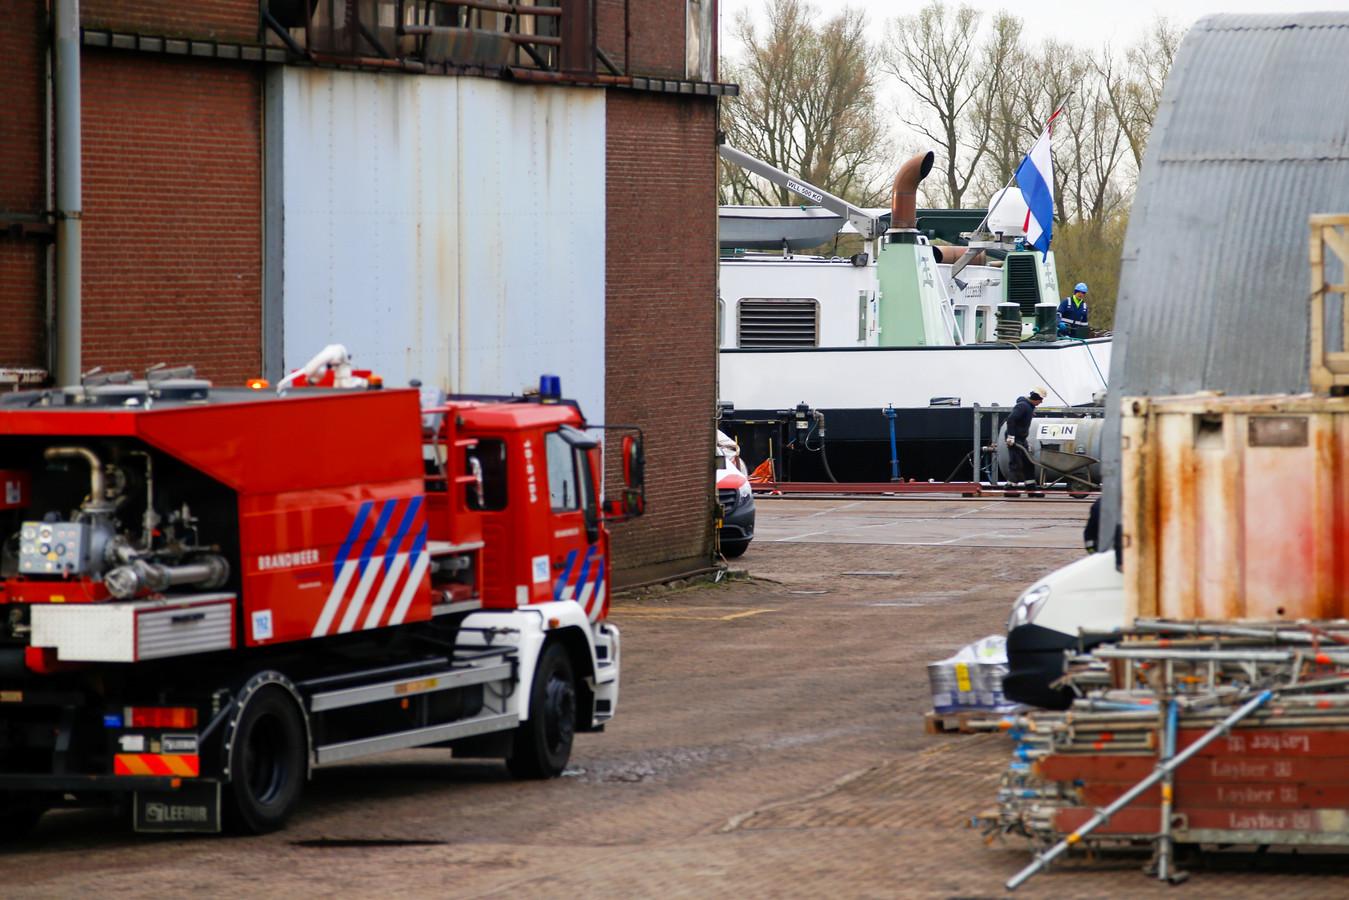 De brandweer rukte uit naar de Rivierdijk in Hardinxveld-Giessendam voor brand aan boord van een binnenvaartschip.